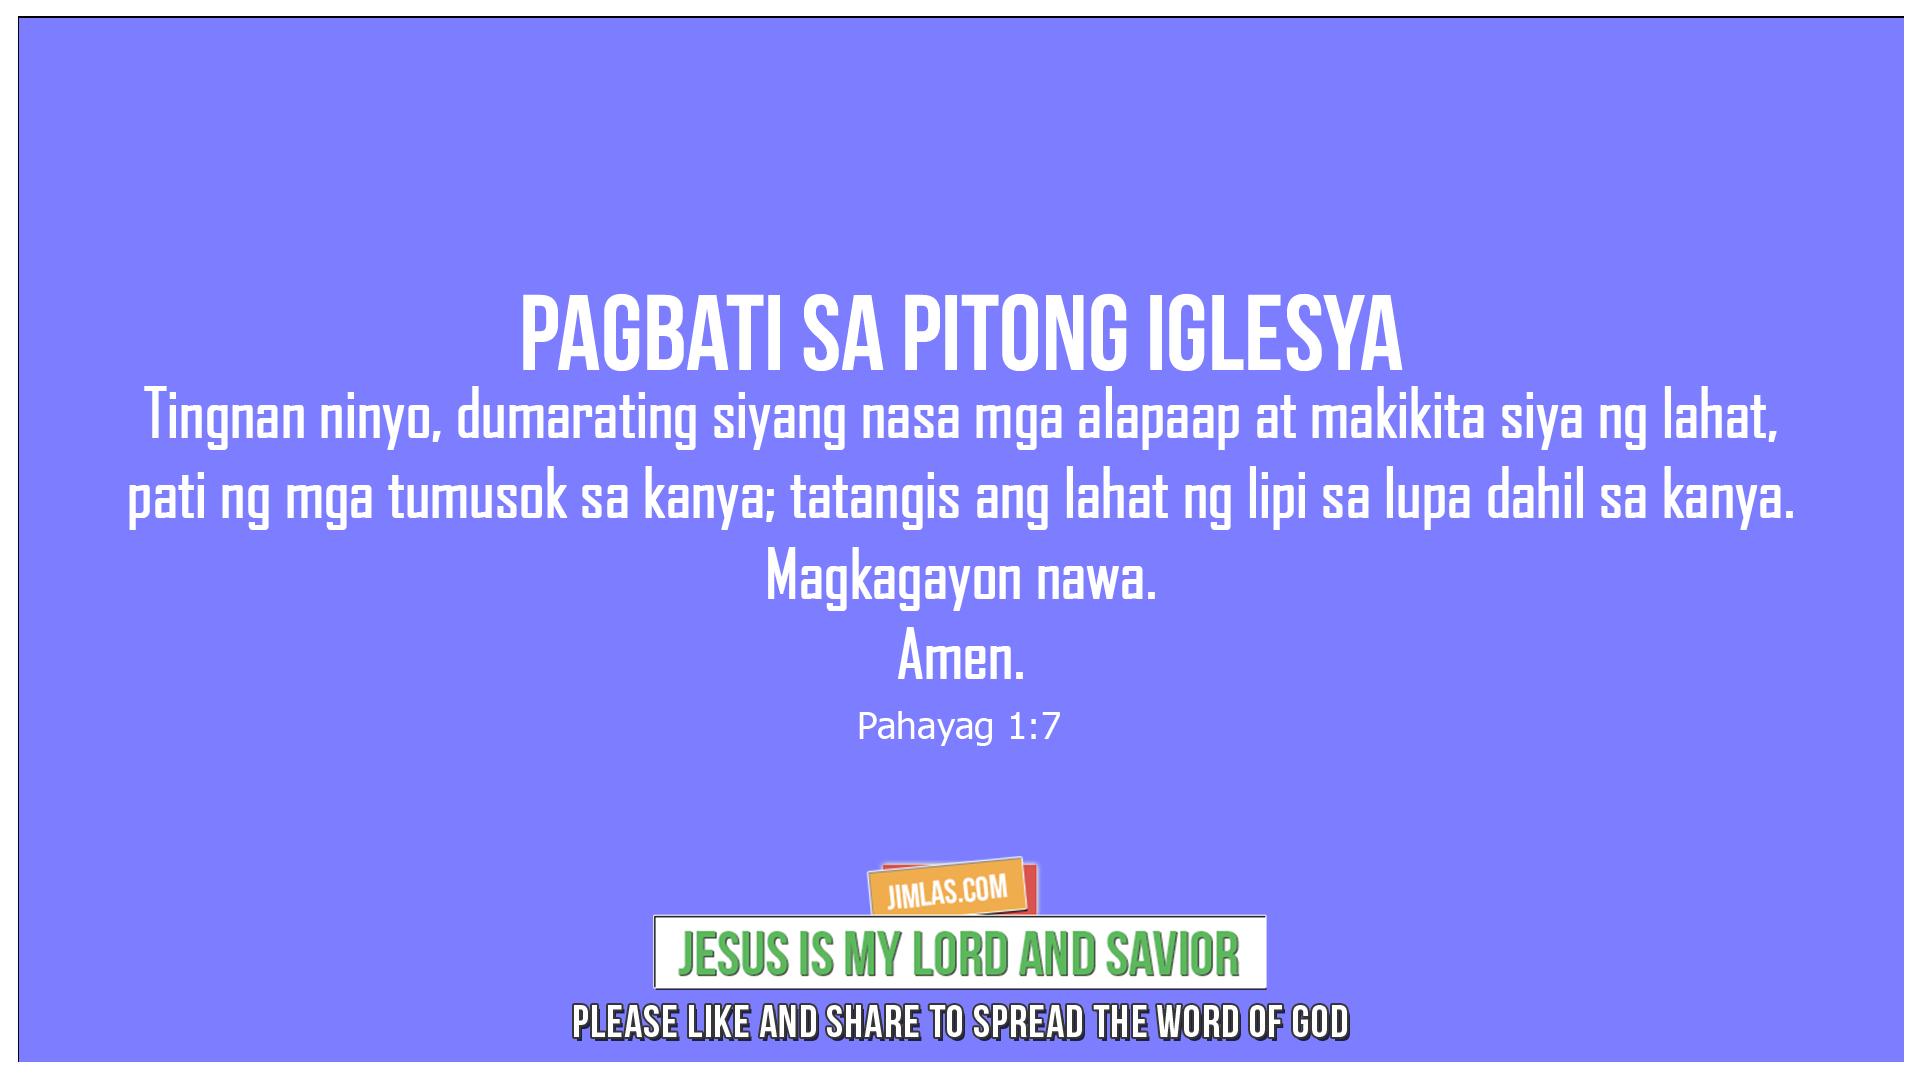 Pahayag 1:7, Pahayag 1:7